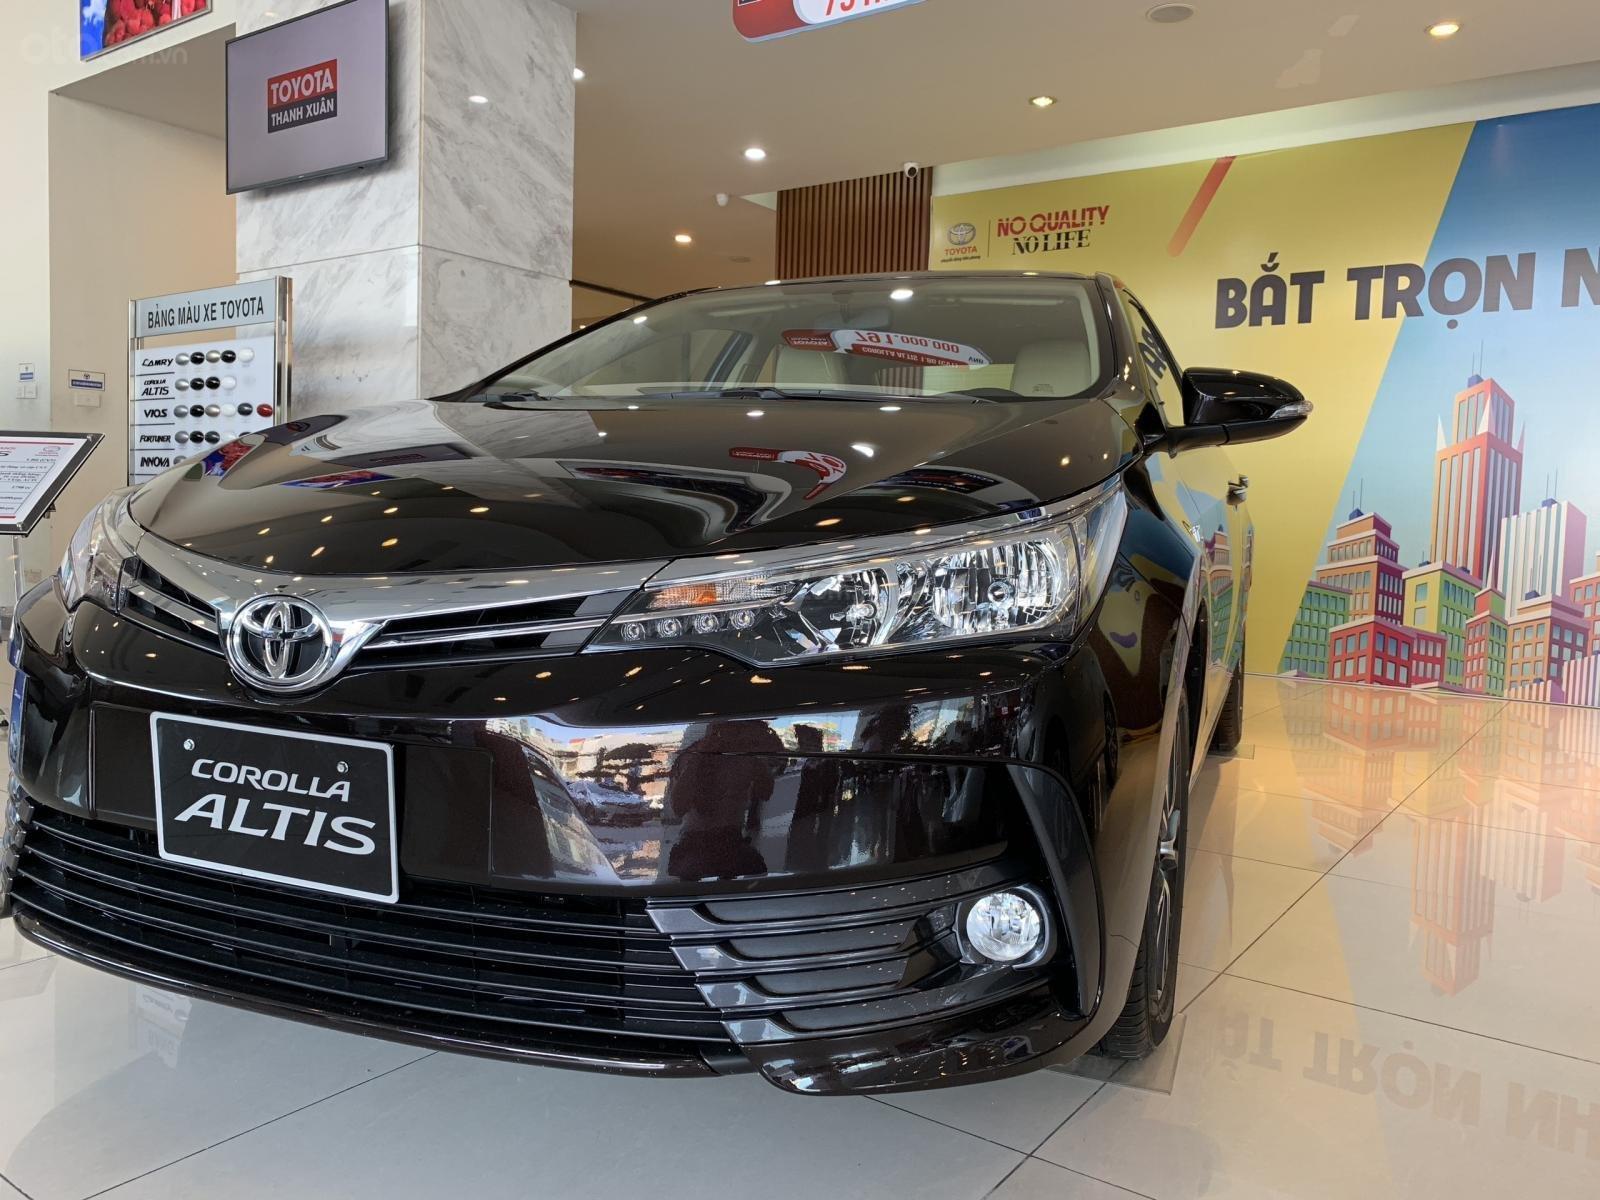 Đánh giá xe Toyota Corolla Altis 2019 1.8G CVT về thiết kế đầu xe a3